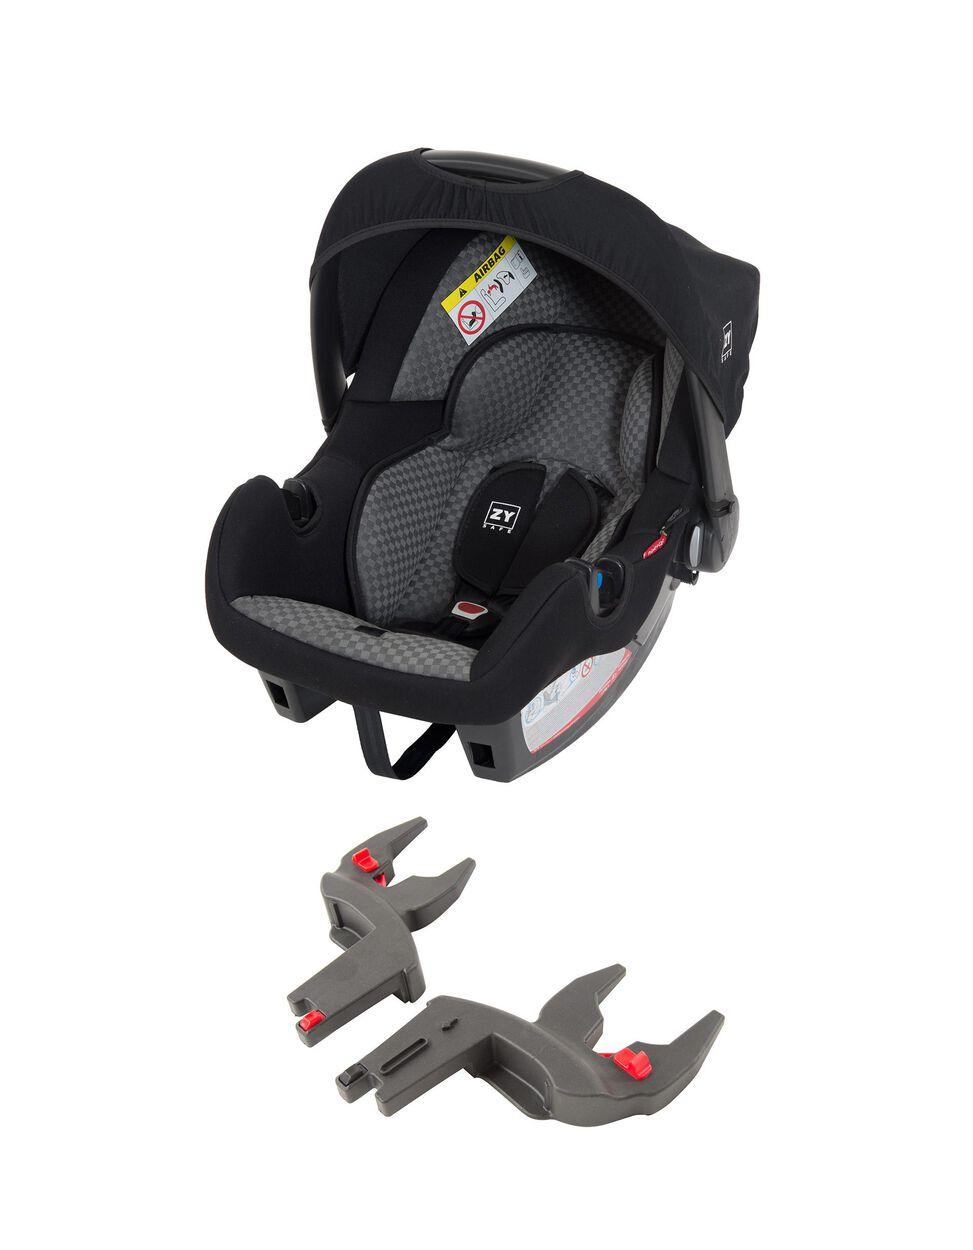 Cadeira auto Gr 0+ Primecare com kits Spin Zy Safe